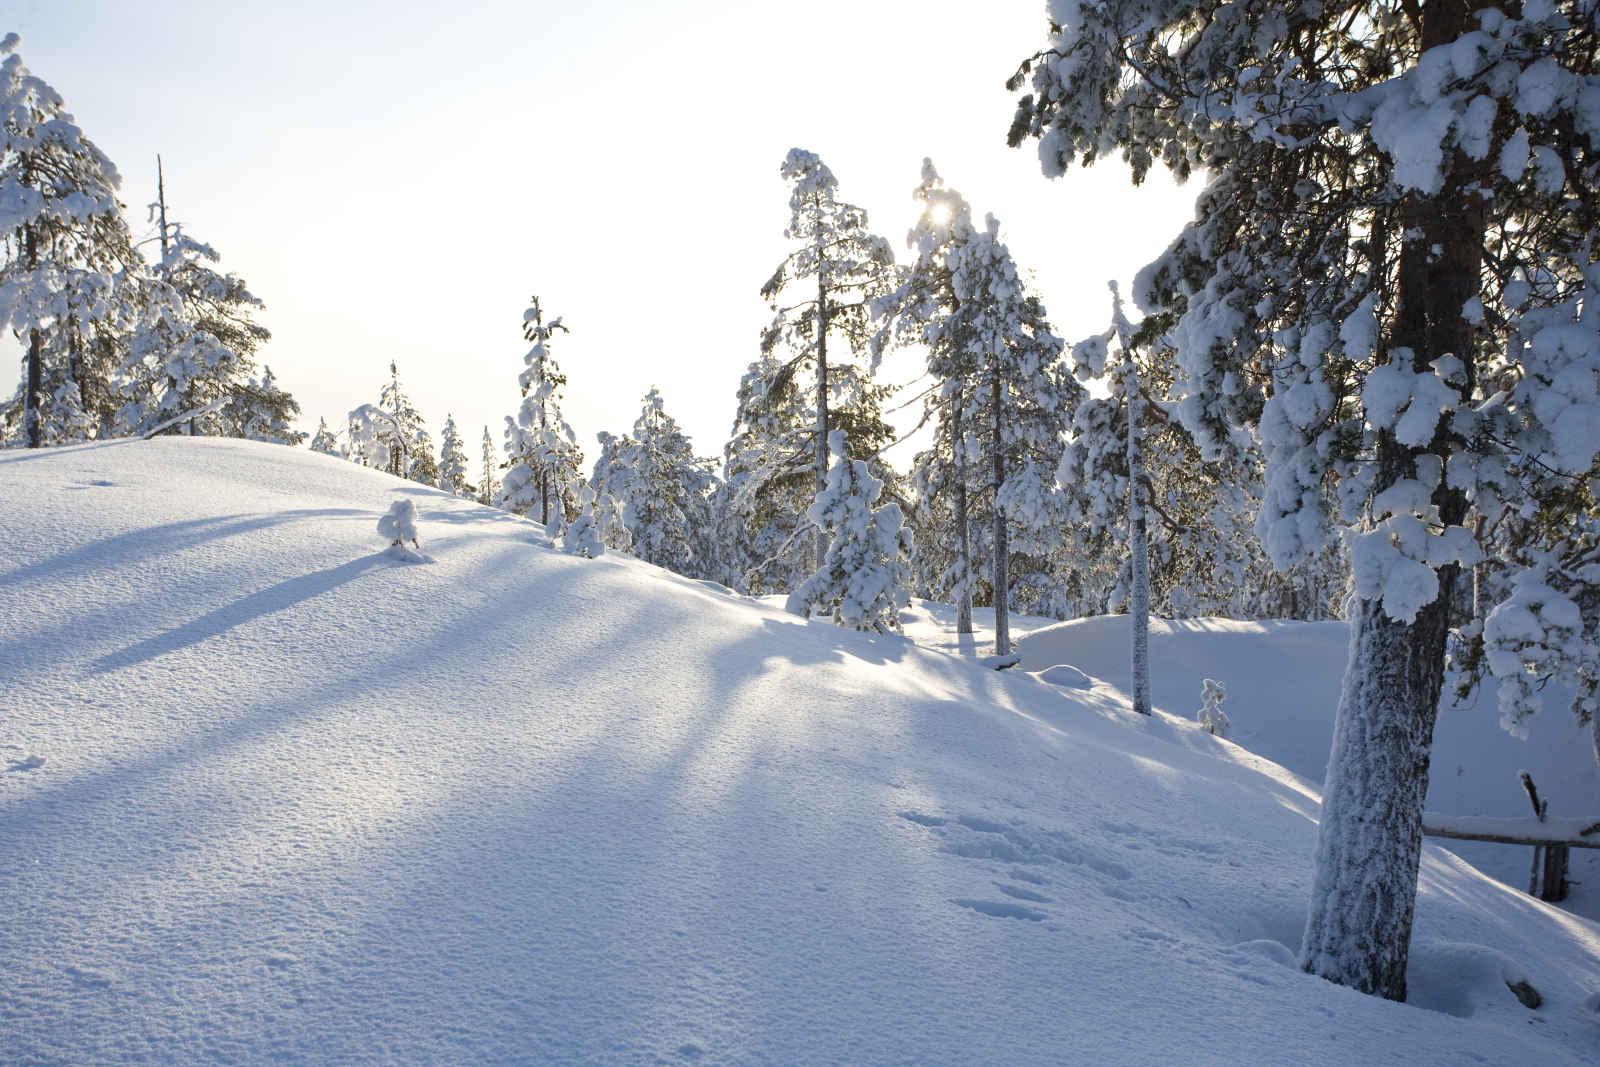 Finlande - Laponie - Rovaniemi - Ounasvaara Chalets